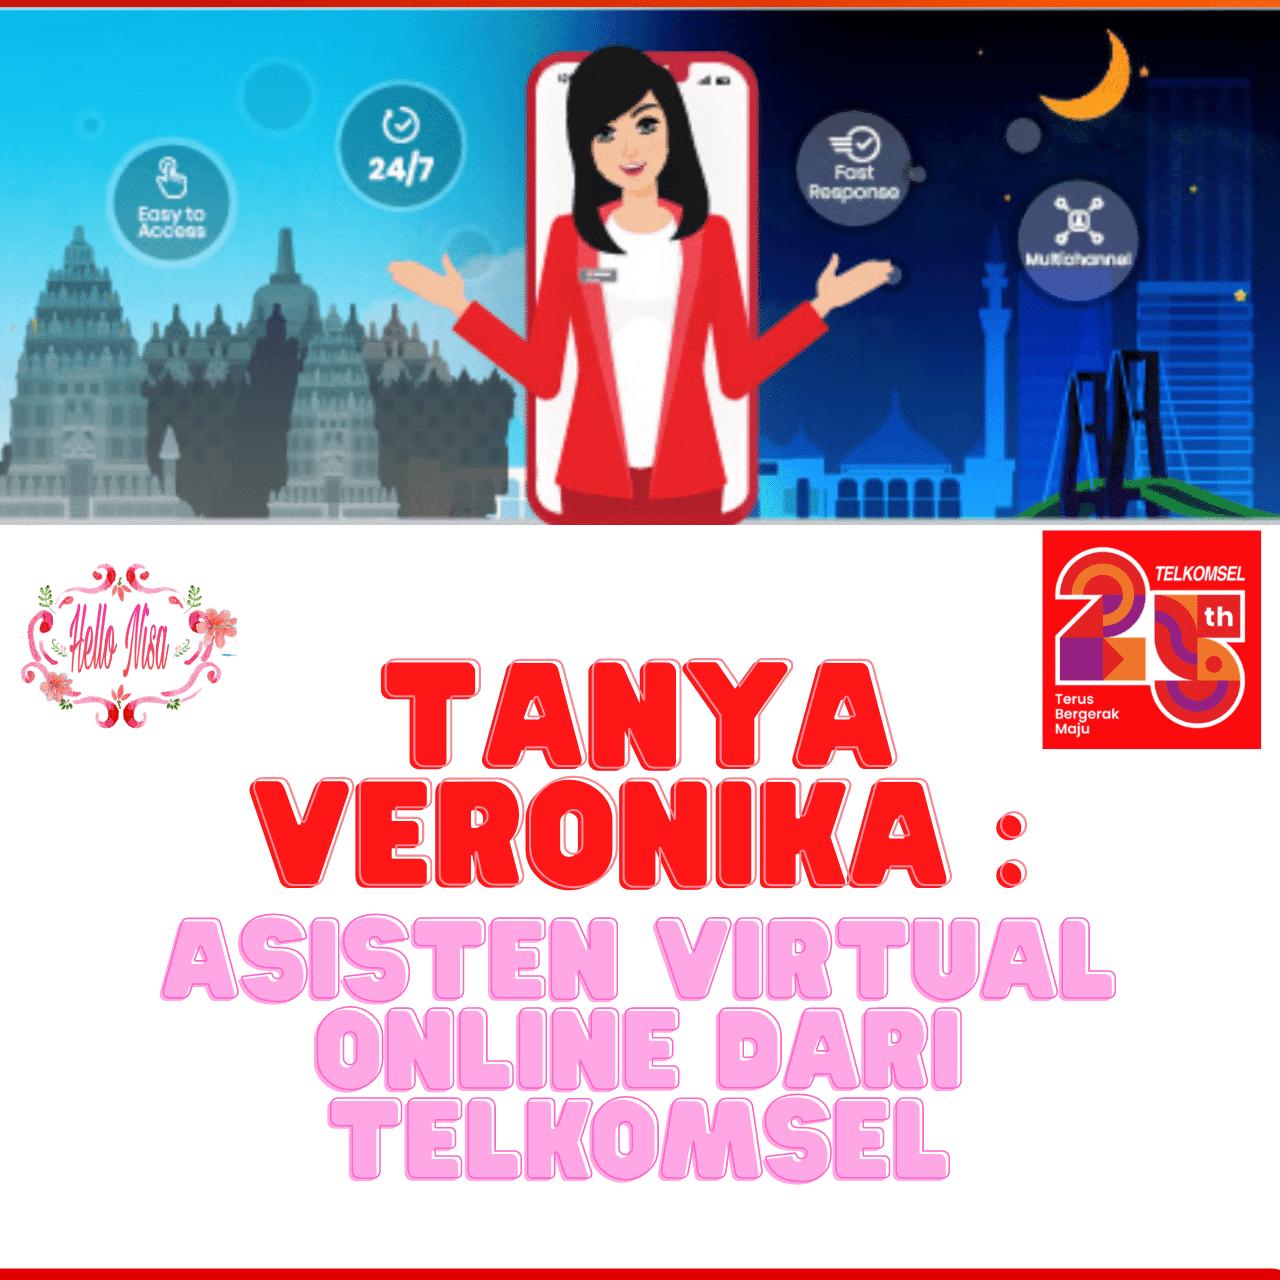 Veronika telkomsel virtual assistant